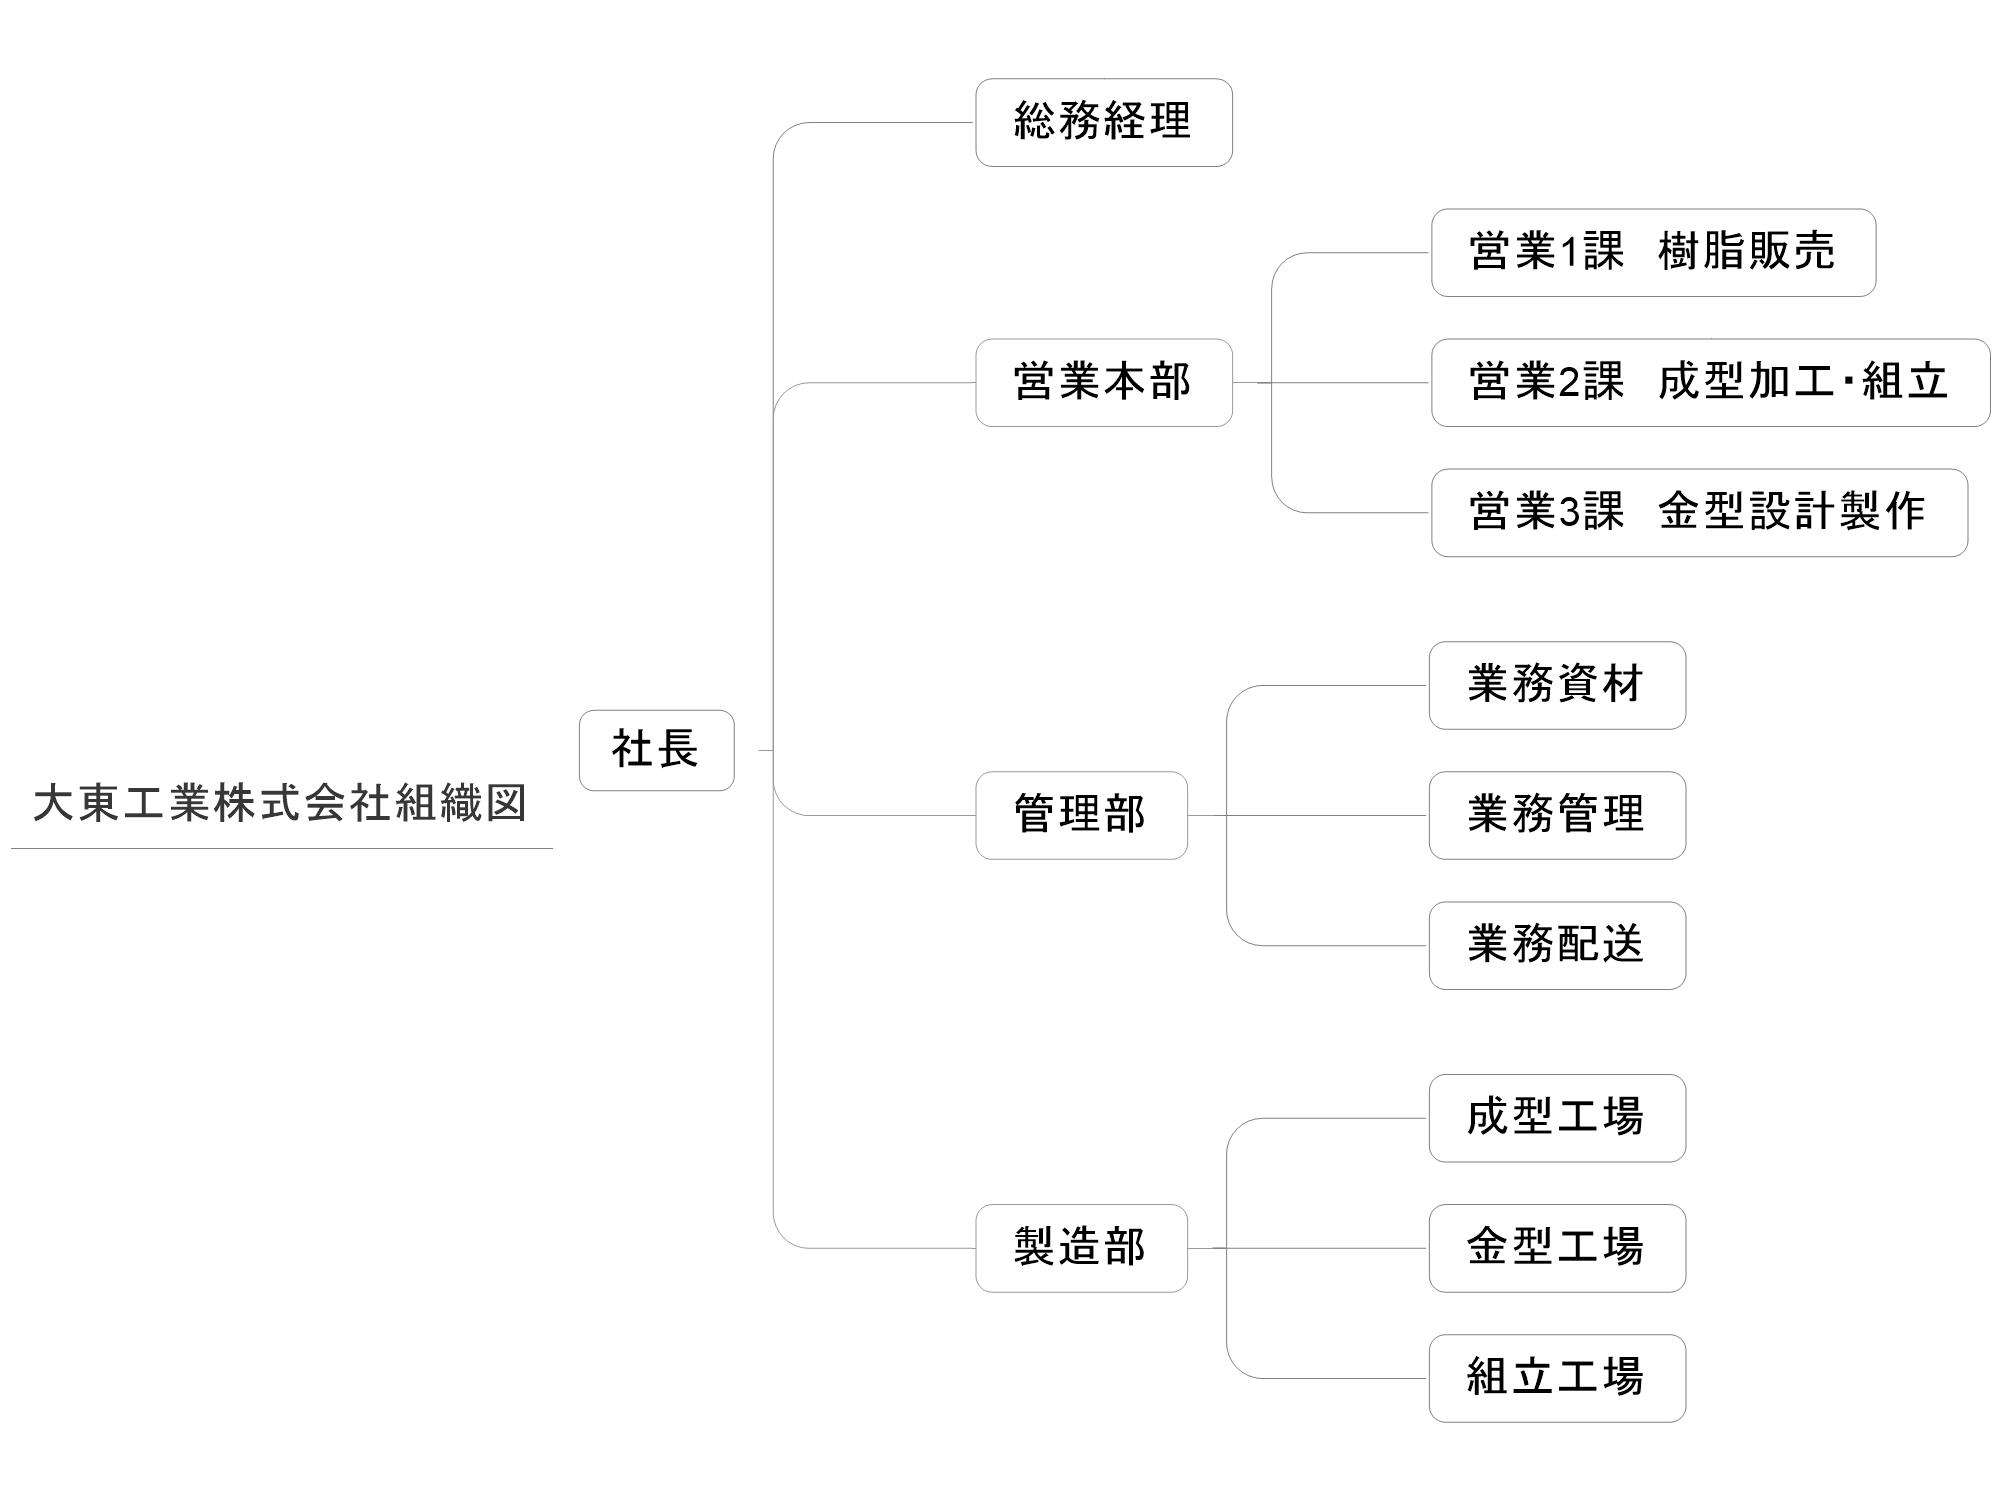 大東工業株式会社の組織図